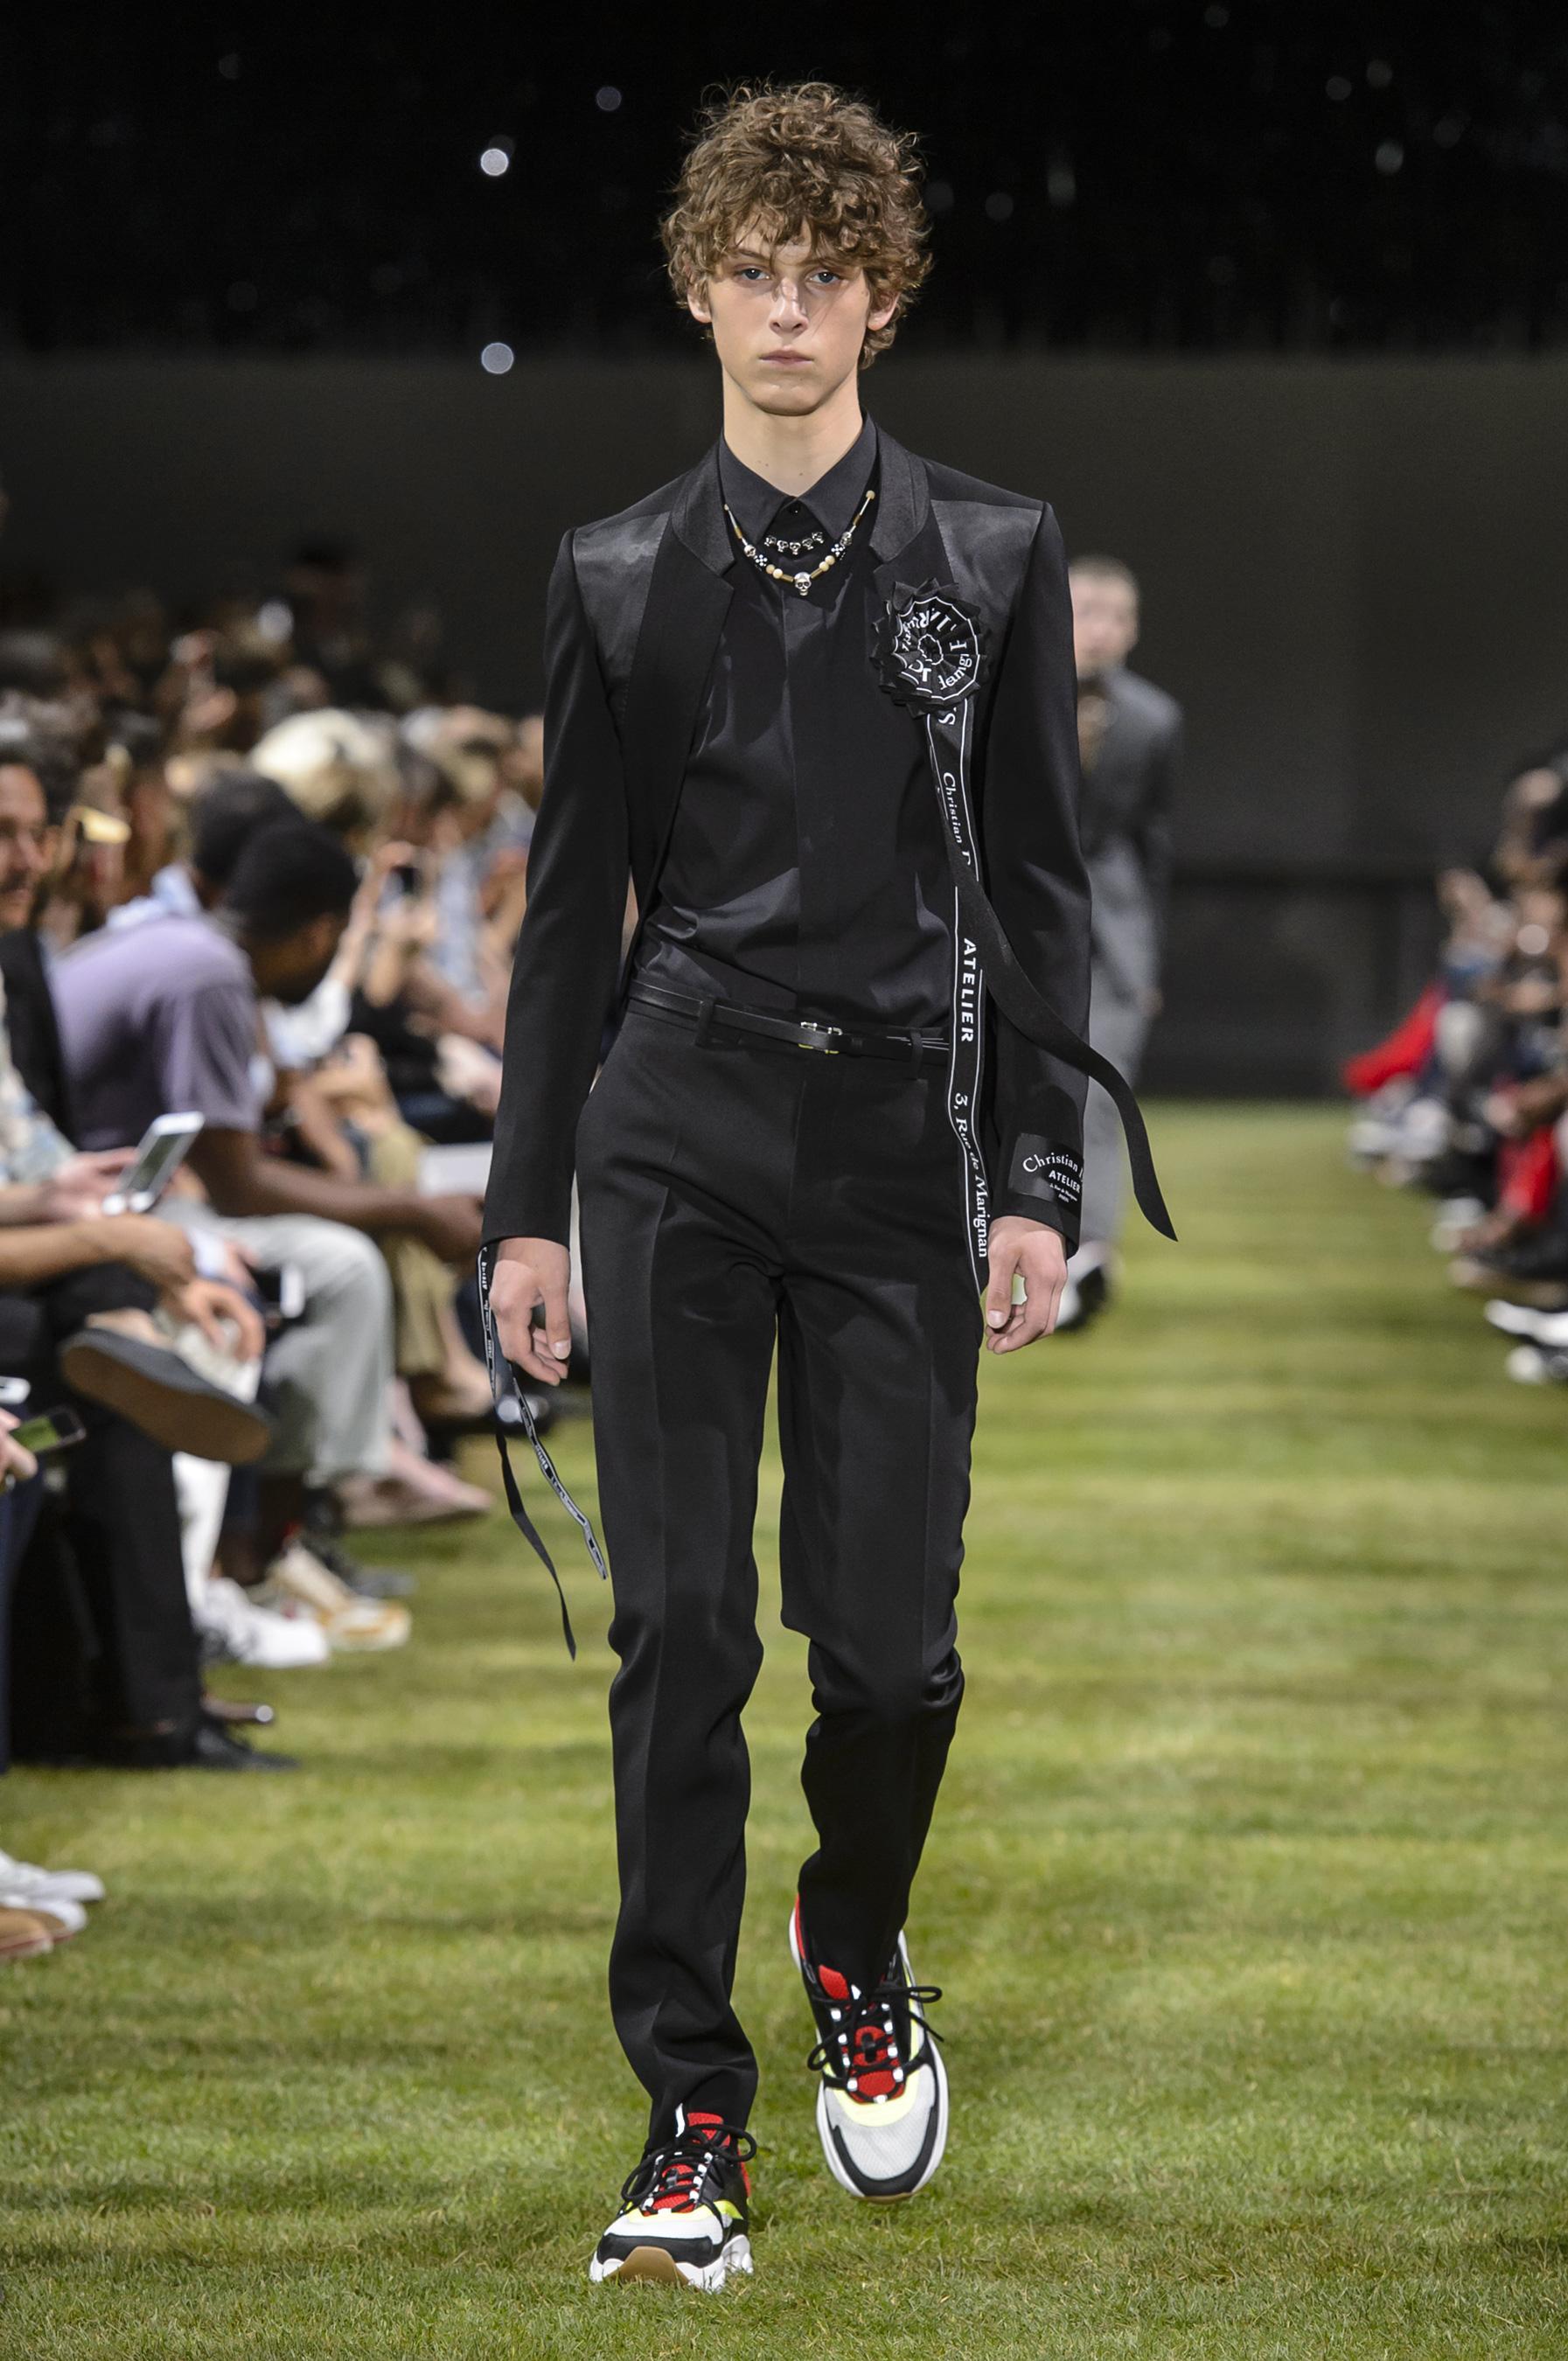 309bed21dc0b Défilé Dior Homme printemps-été 2018 Homme - Madame Figaro